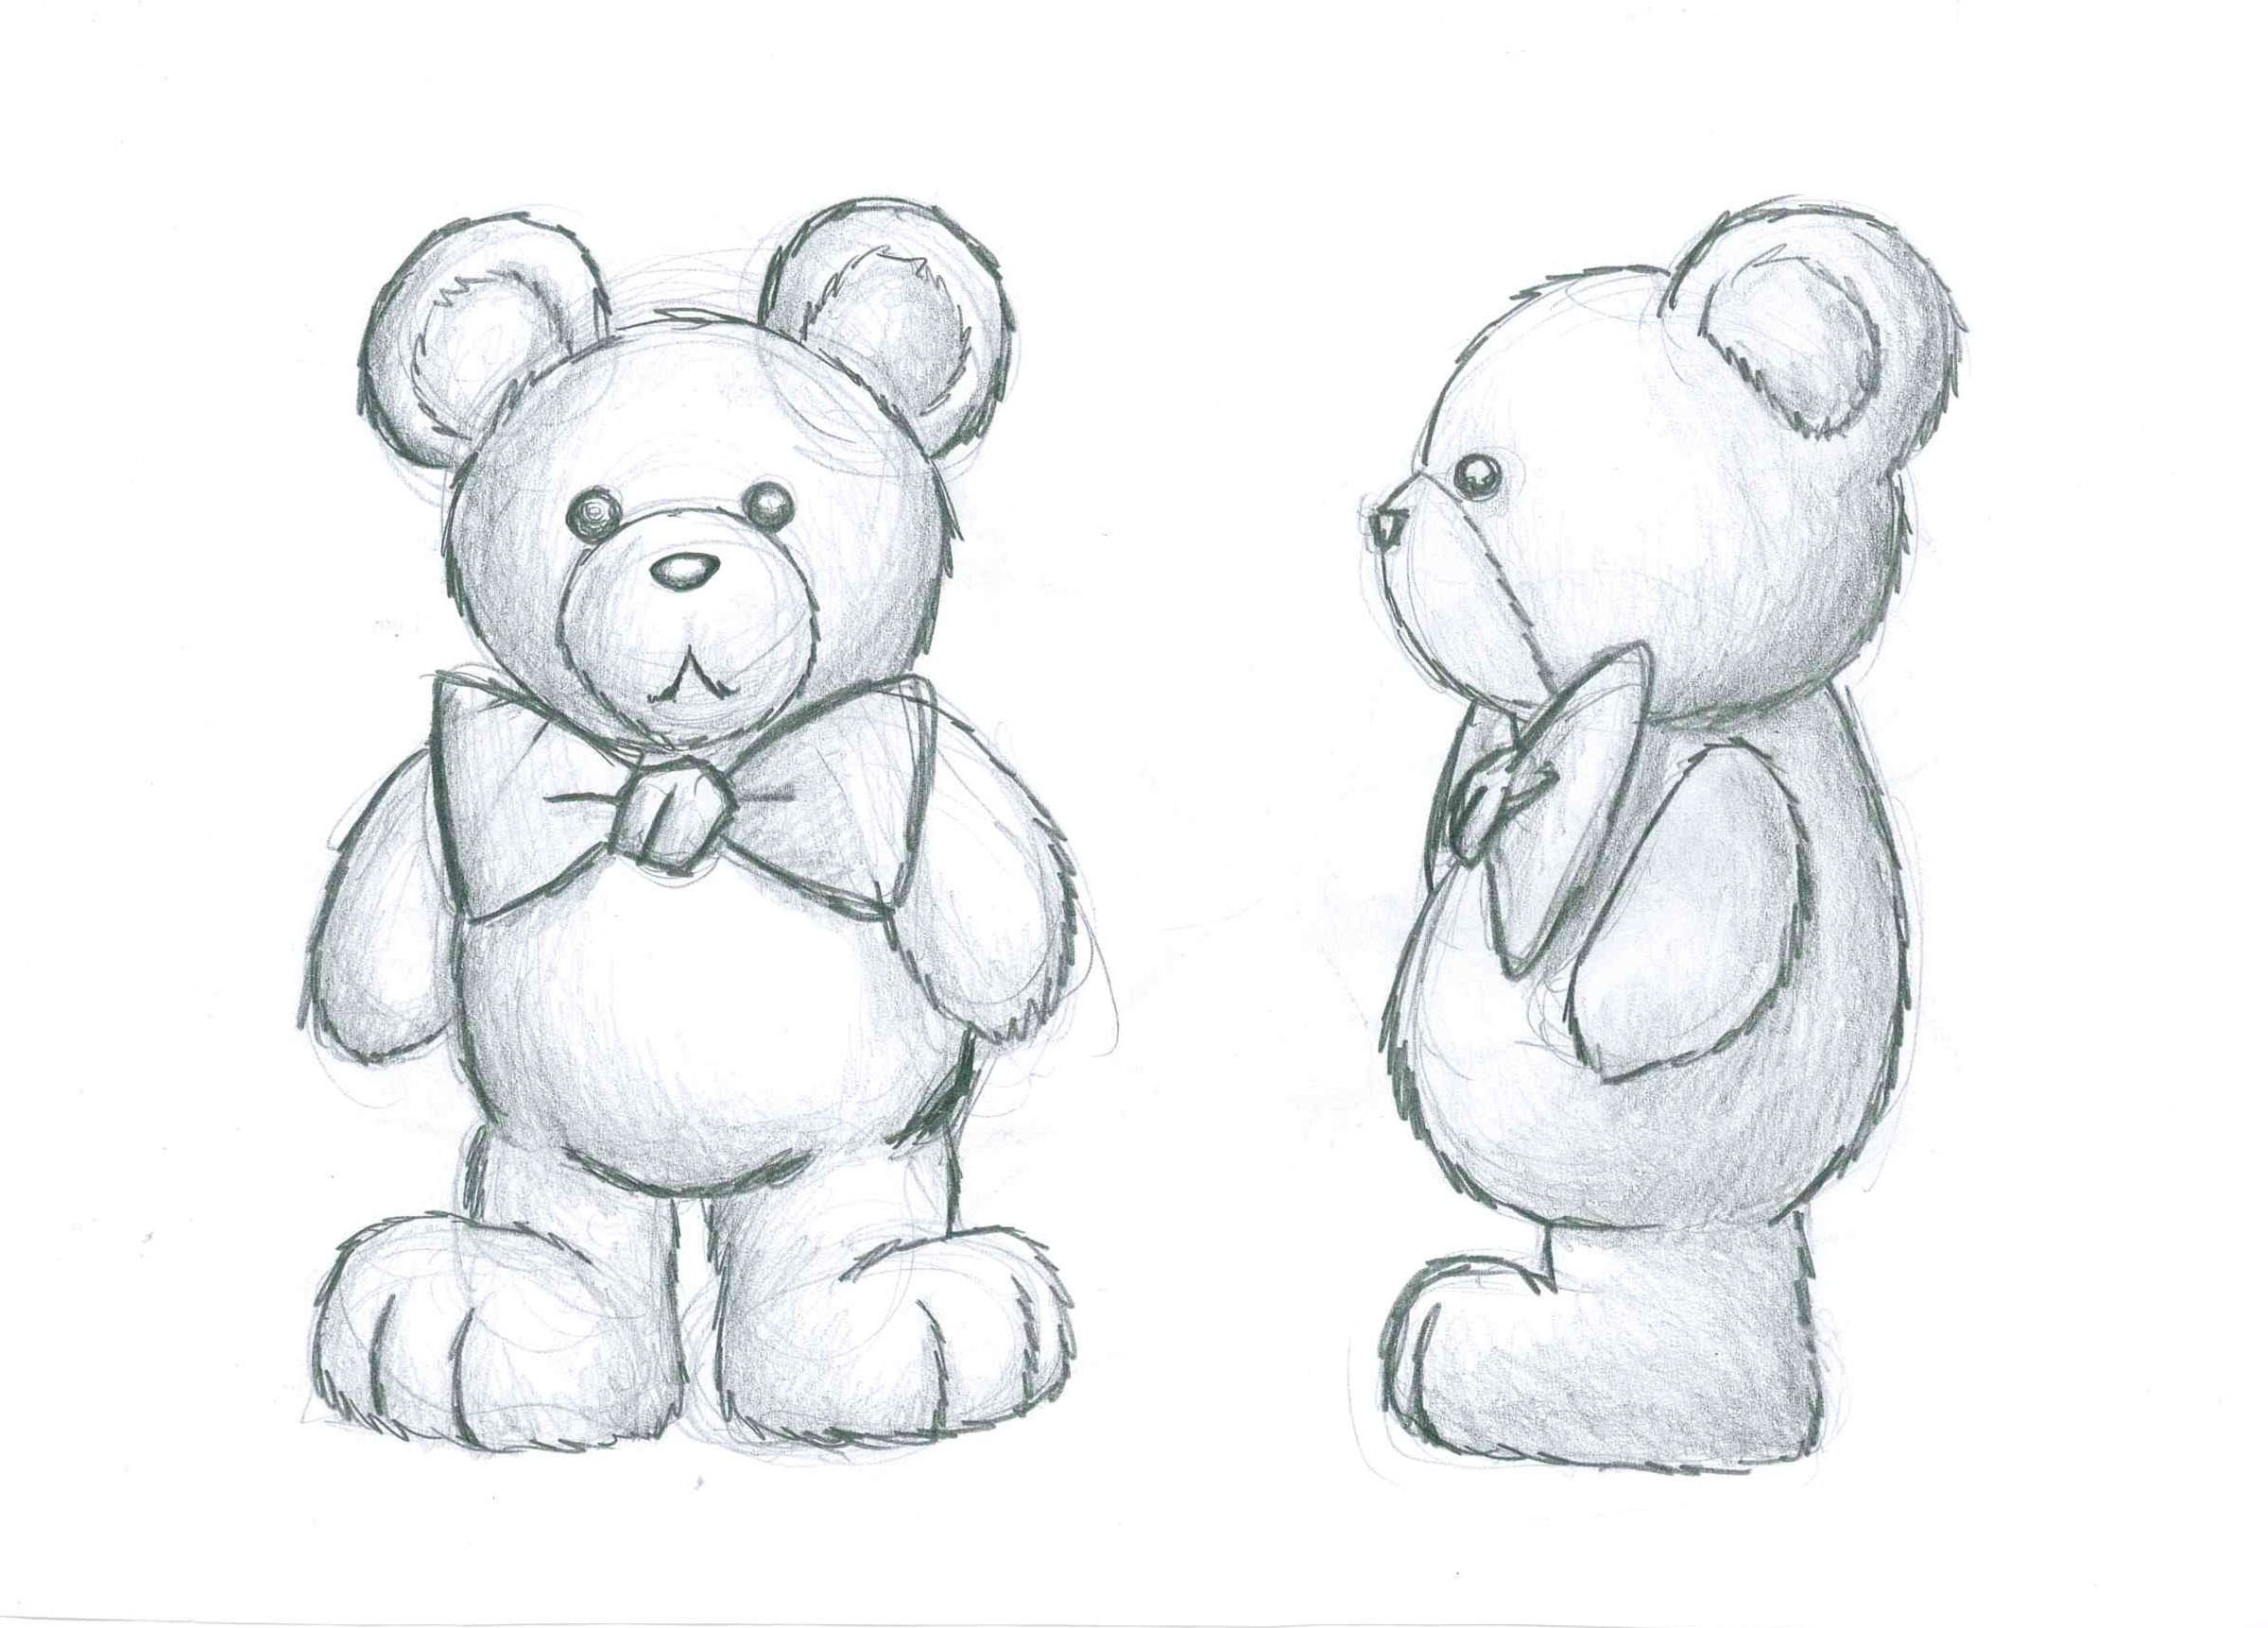 Своими руками, картинки плюшевого медведя карандашом